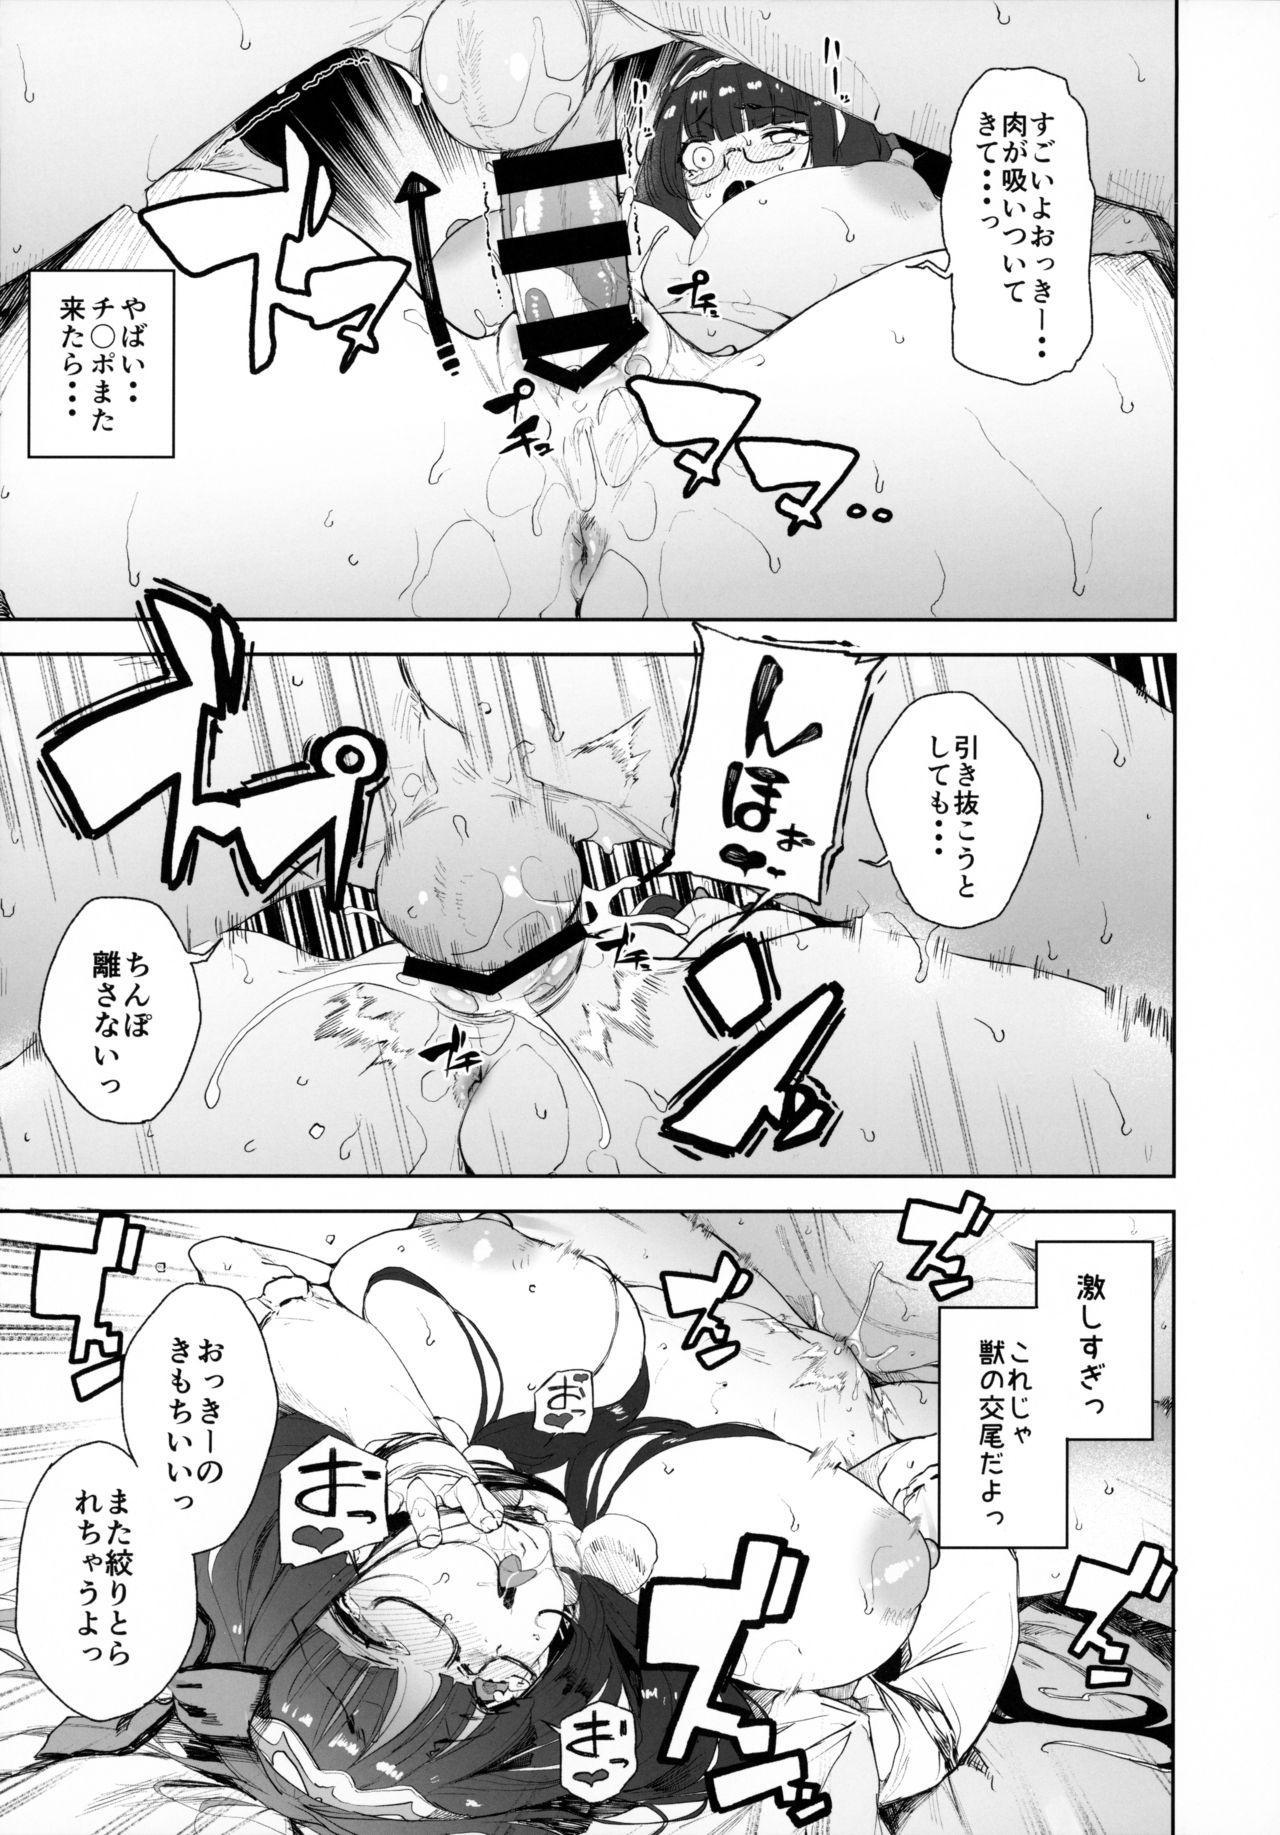 Enmatei Hanshokuki Osakabehime 35